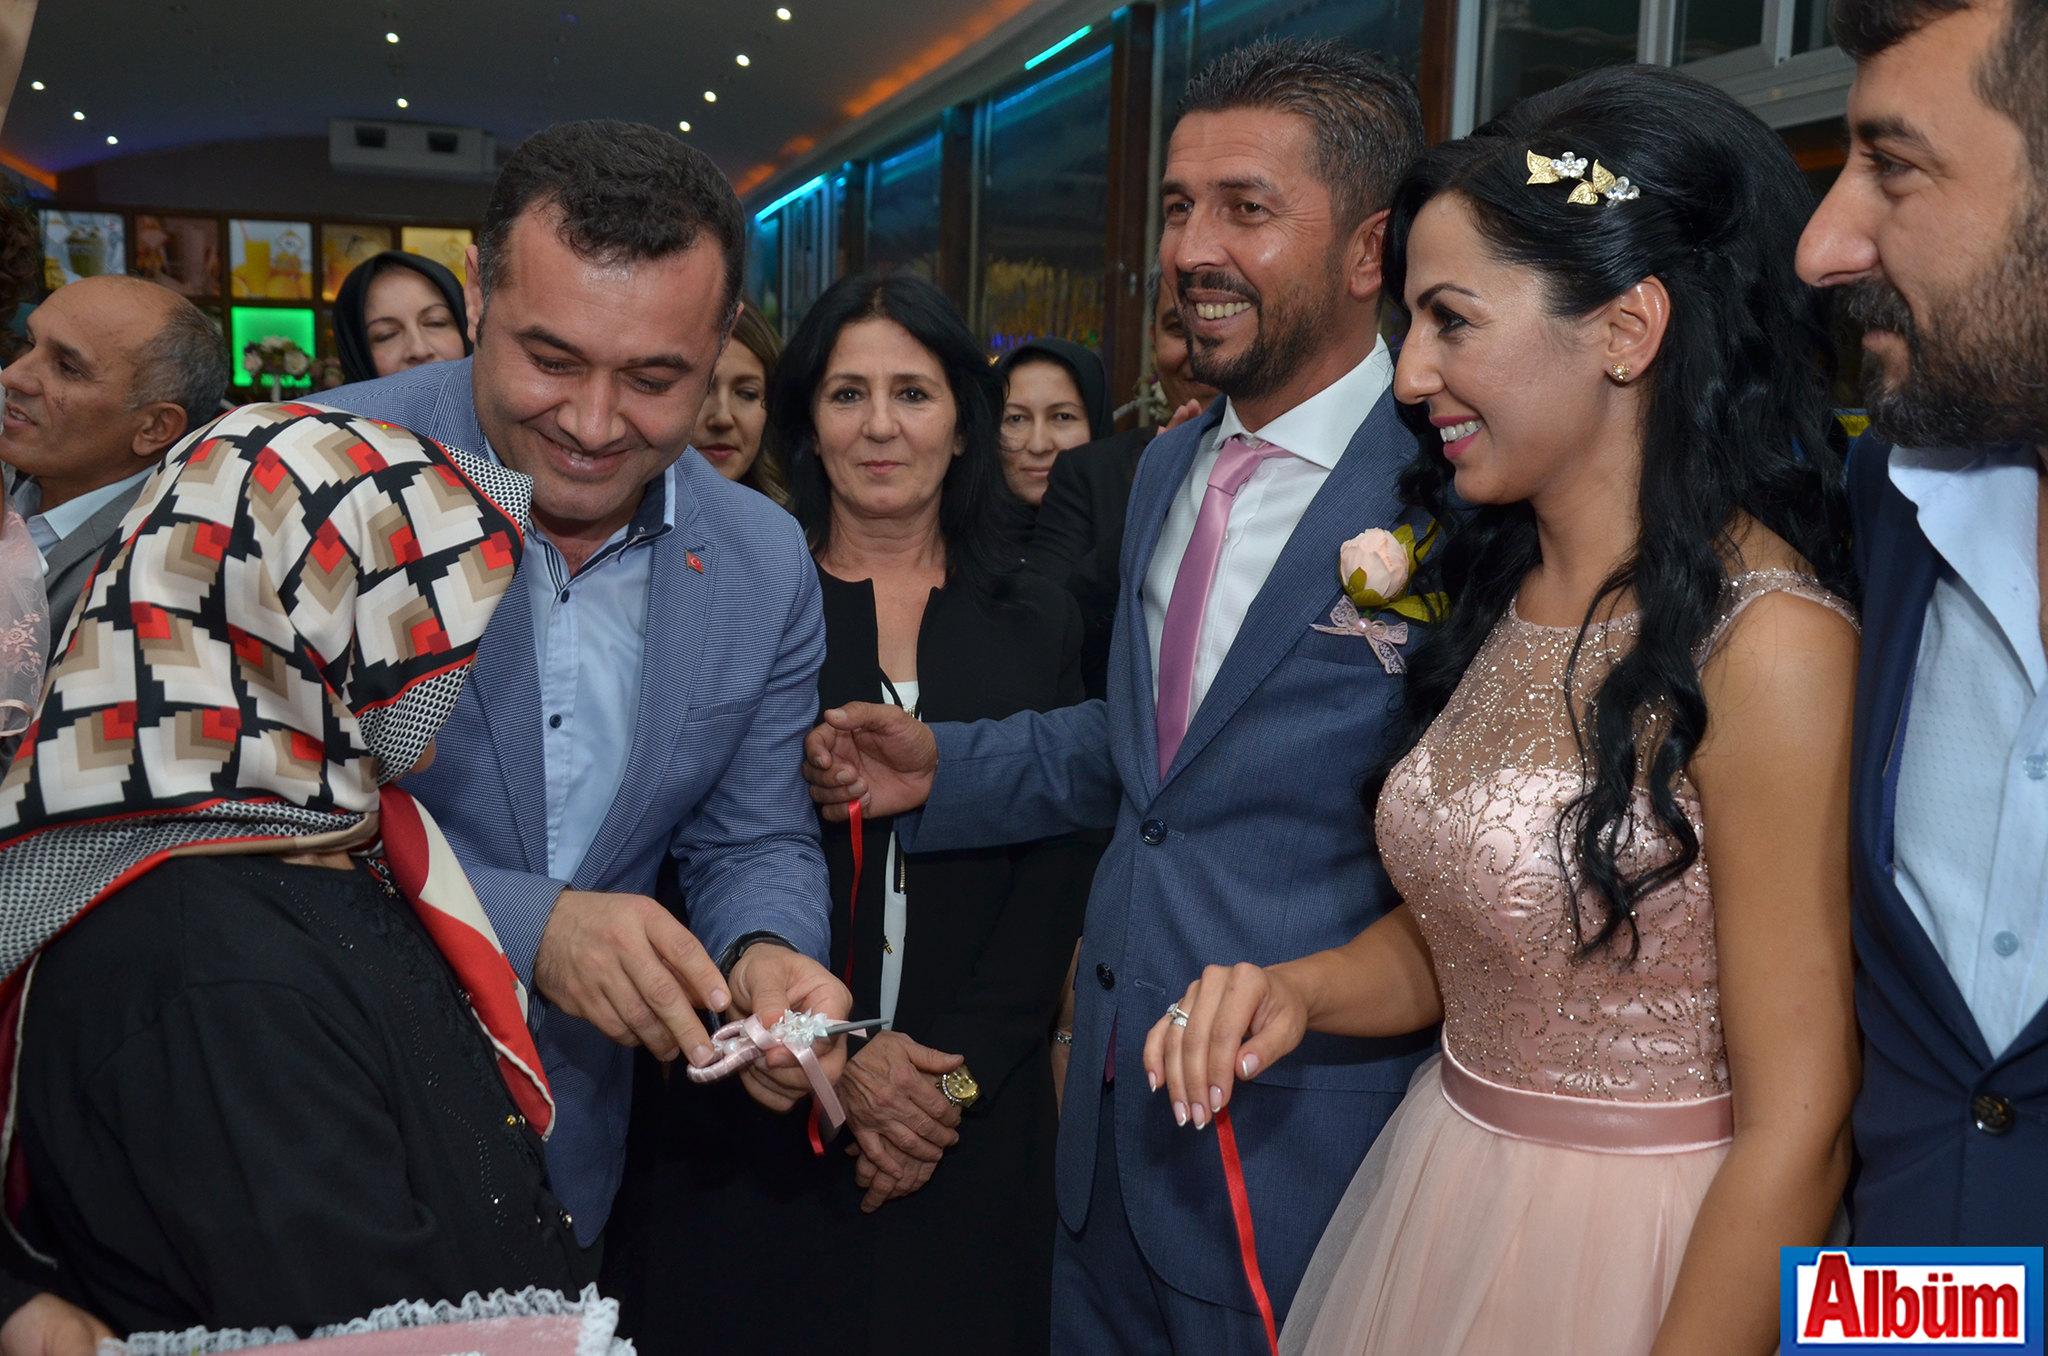 Fatma Deke-Alanya Belediye Başkanı Adem Murat Yücel-Hasan Deke-Esengül Duran